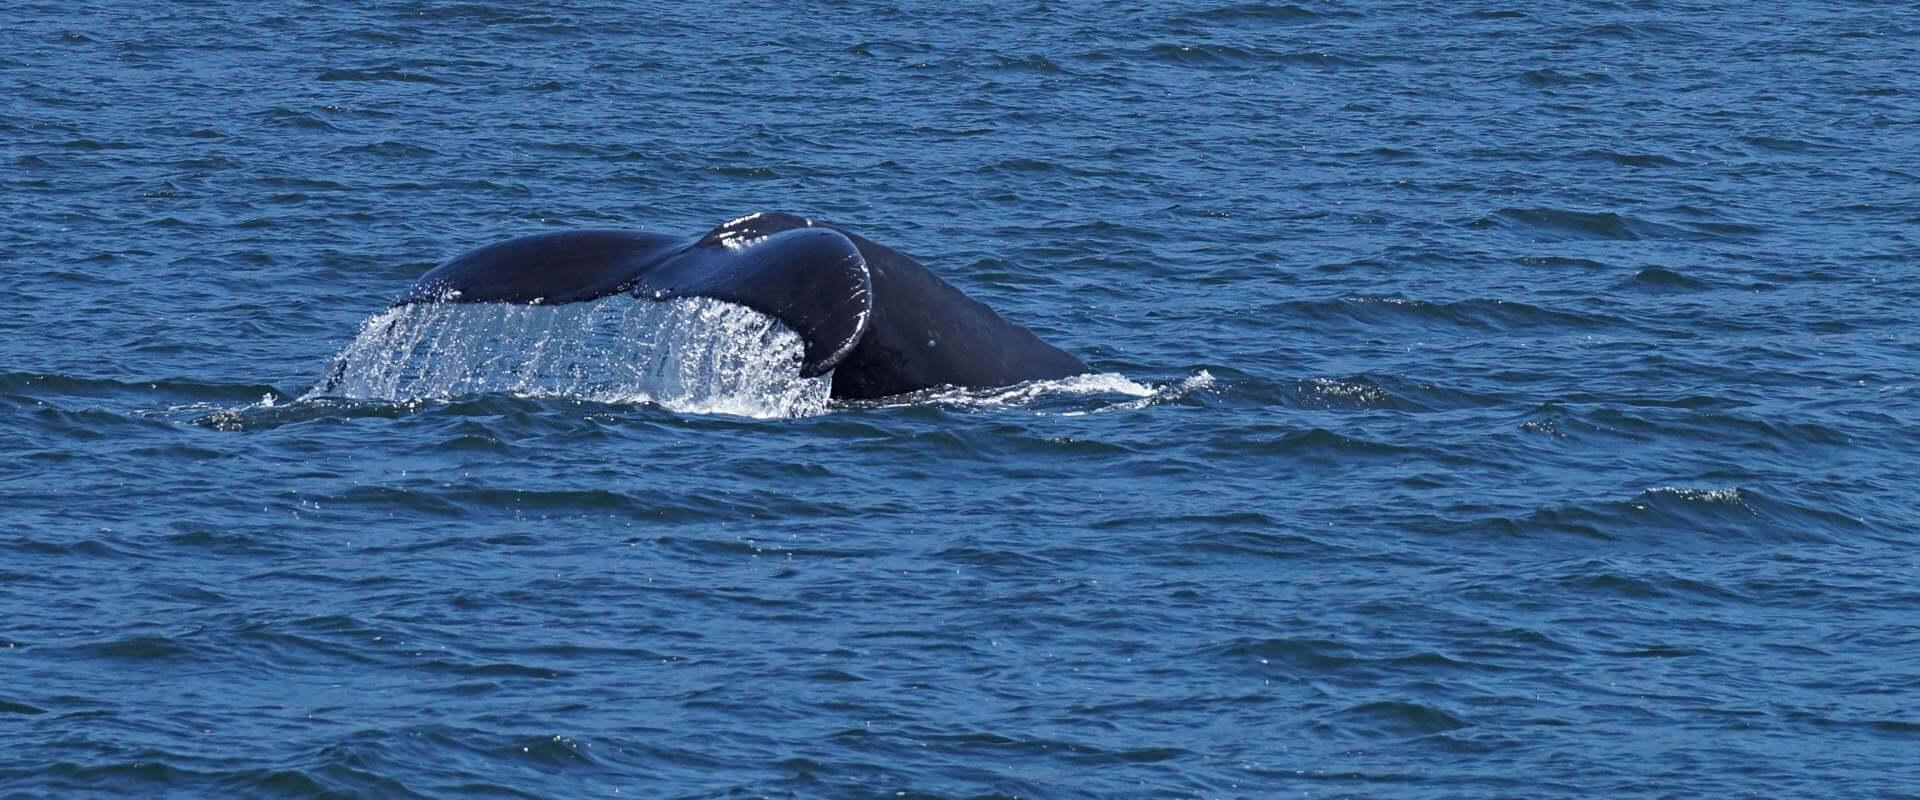 Archipelago Wildlife Cruises – Auf Bootsfahrt im Pacific Rim National Park